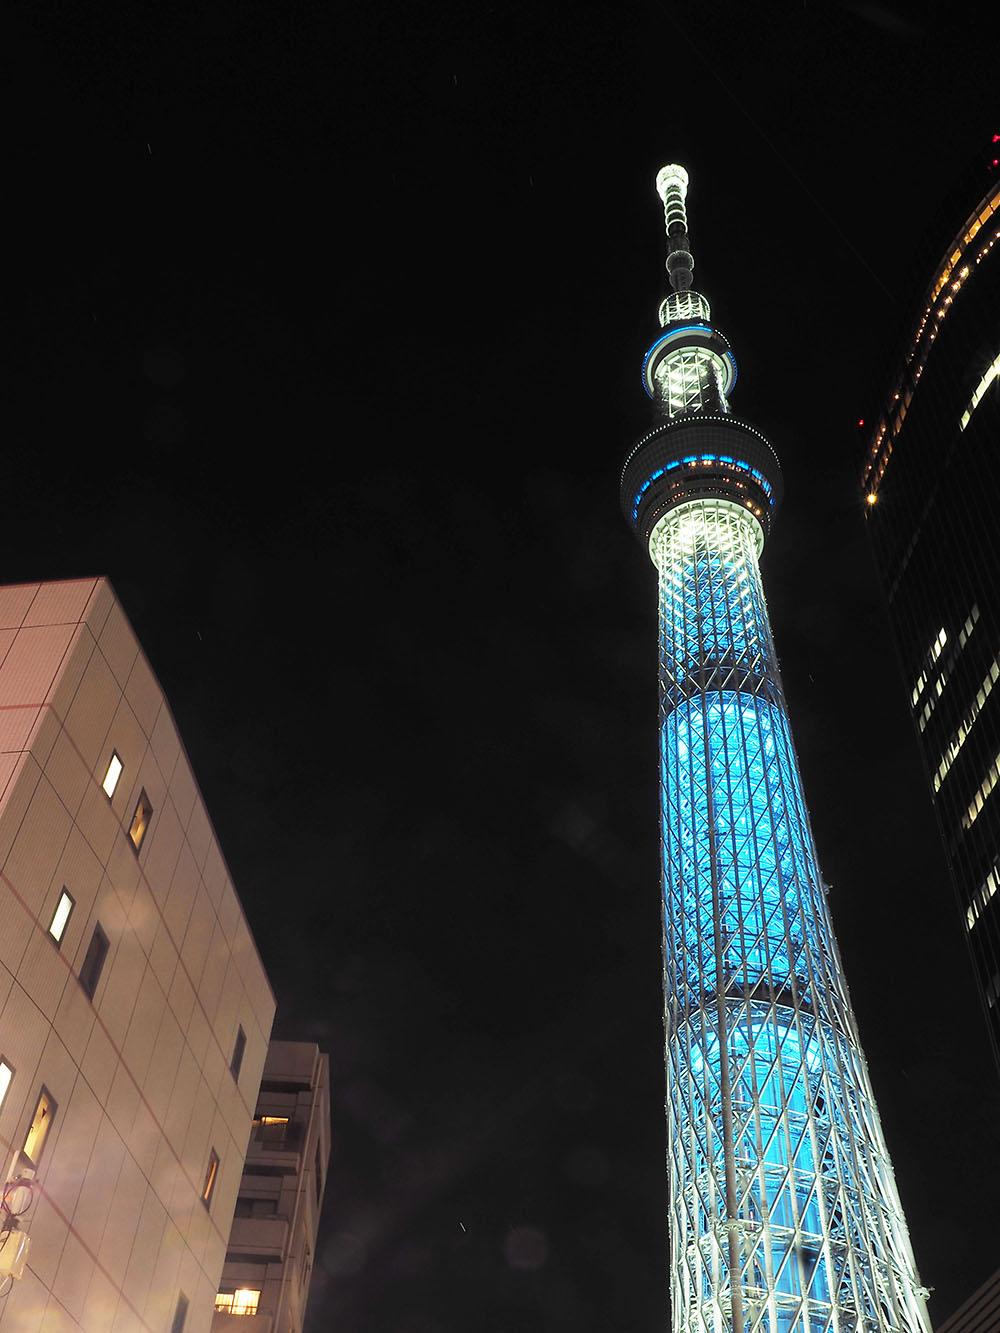 東京スカイツリーとISS(国際宇宙ステーション)_f0324026_18545787.jpg